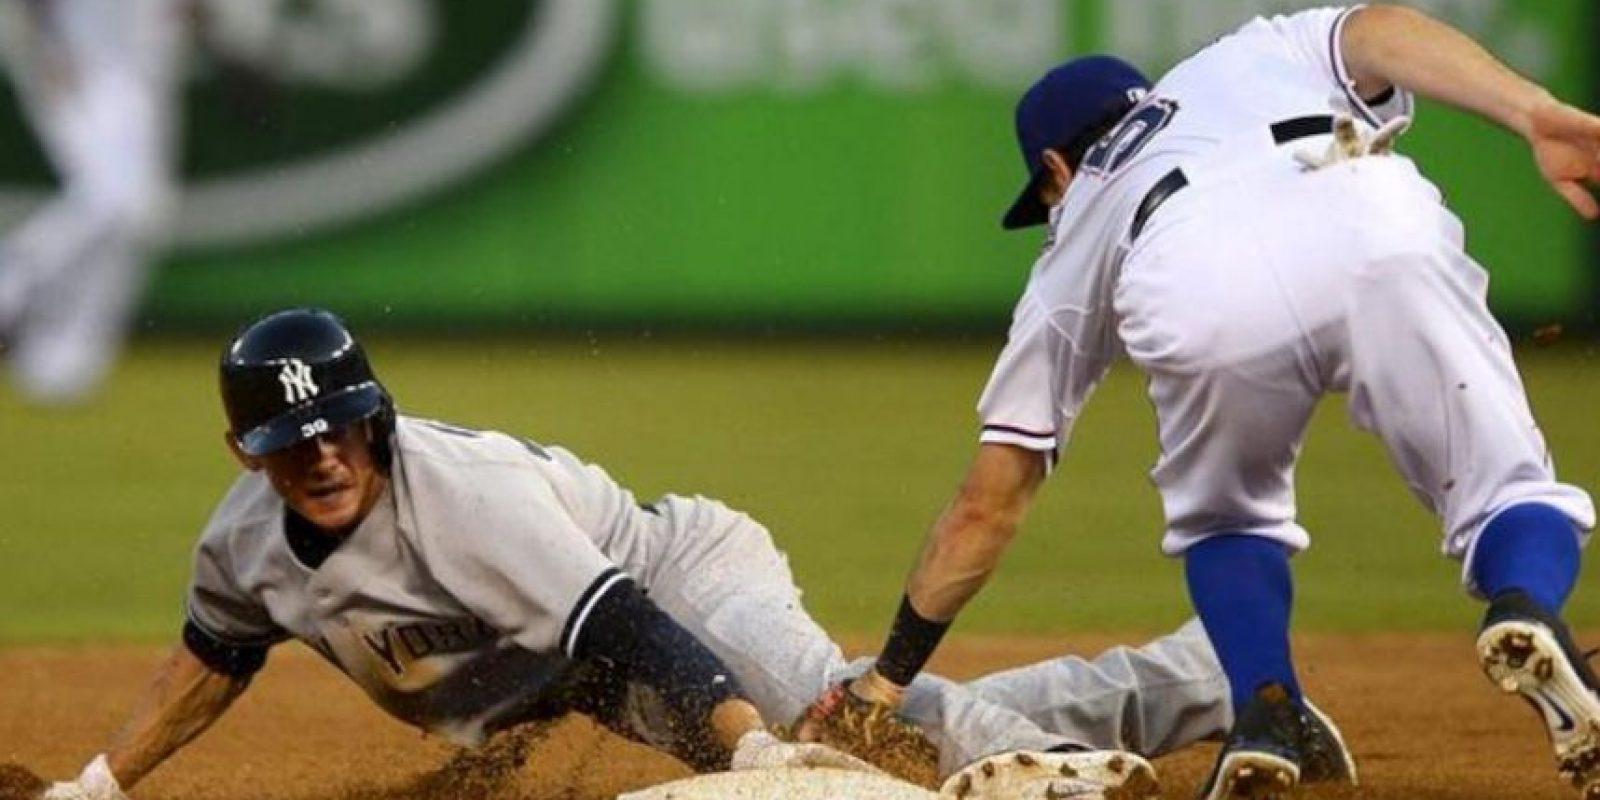 El jugador de los Yanquis de Nueva York Brent Lillibridge (L) se desliza a base junto a Ian Kinsler (d) de los Vigilantes de Texas el 23 de julio de 2013, durante su partido de la MLB en el Rangers Ballpark en Arlington, Texas (EE.UU.). EFE